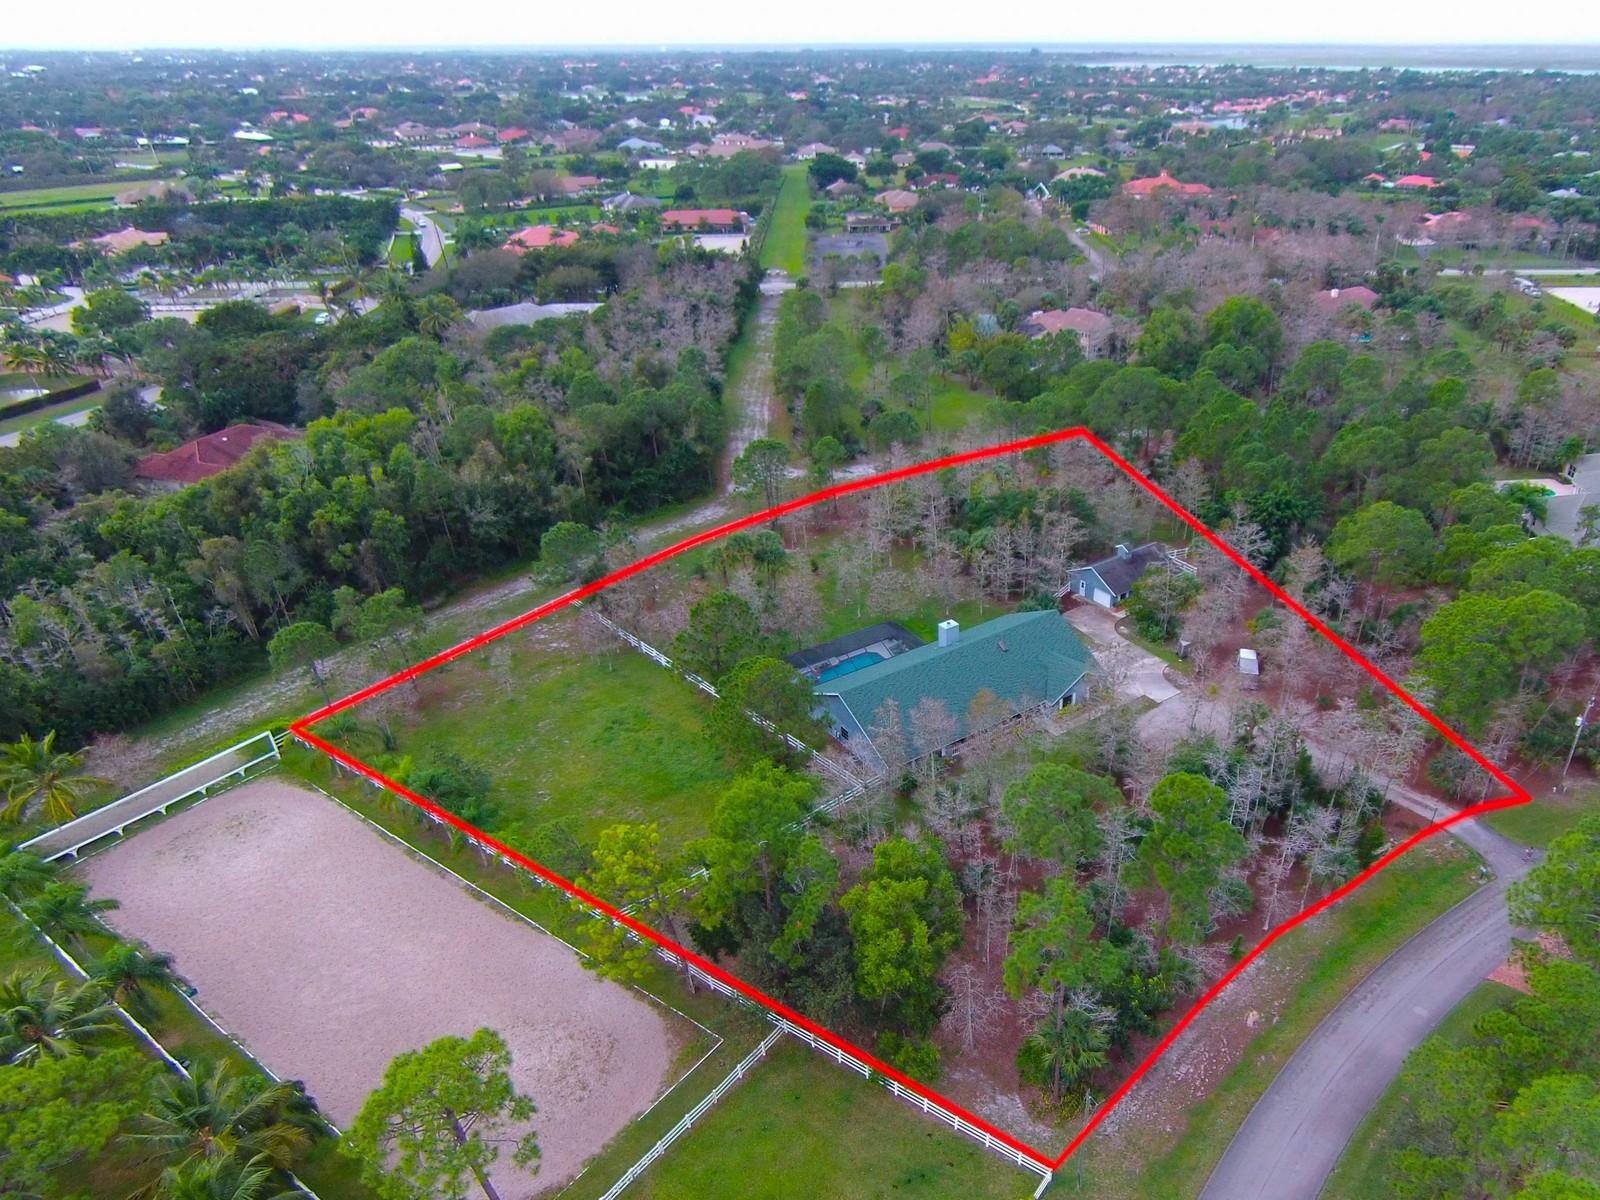 Maison unifamiliale pour l Vente à 1401 Pelham 1401 Pelham Road Wellington, Florida, 33414 États-Unis